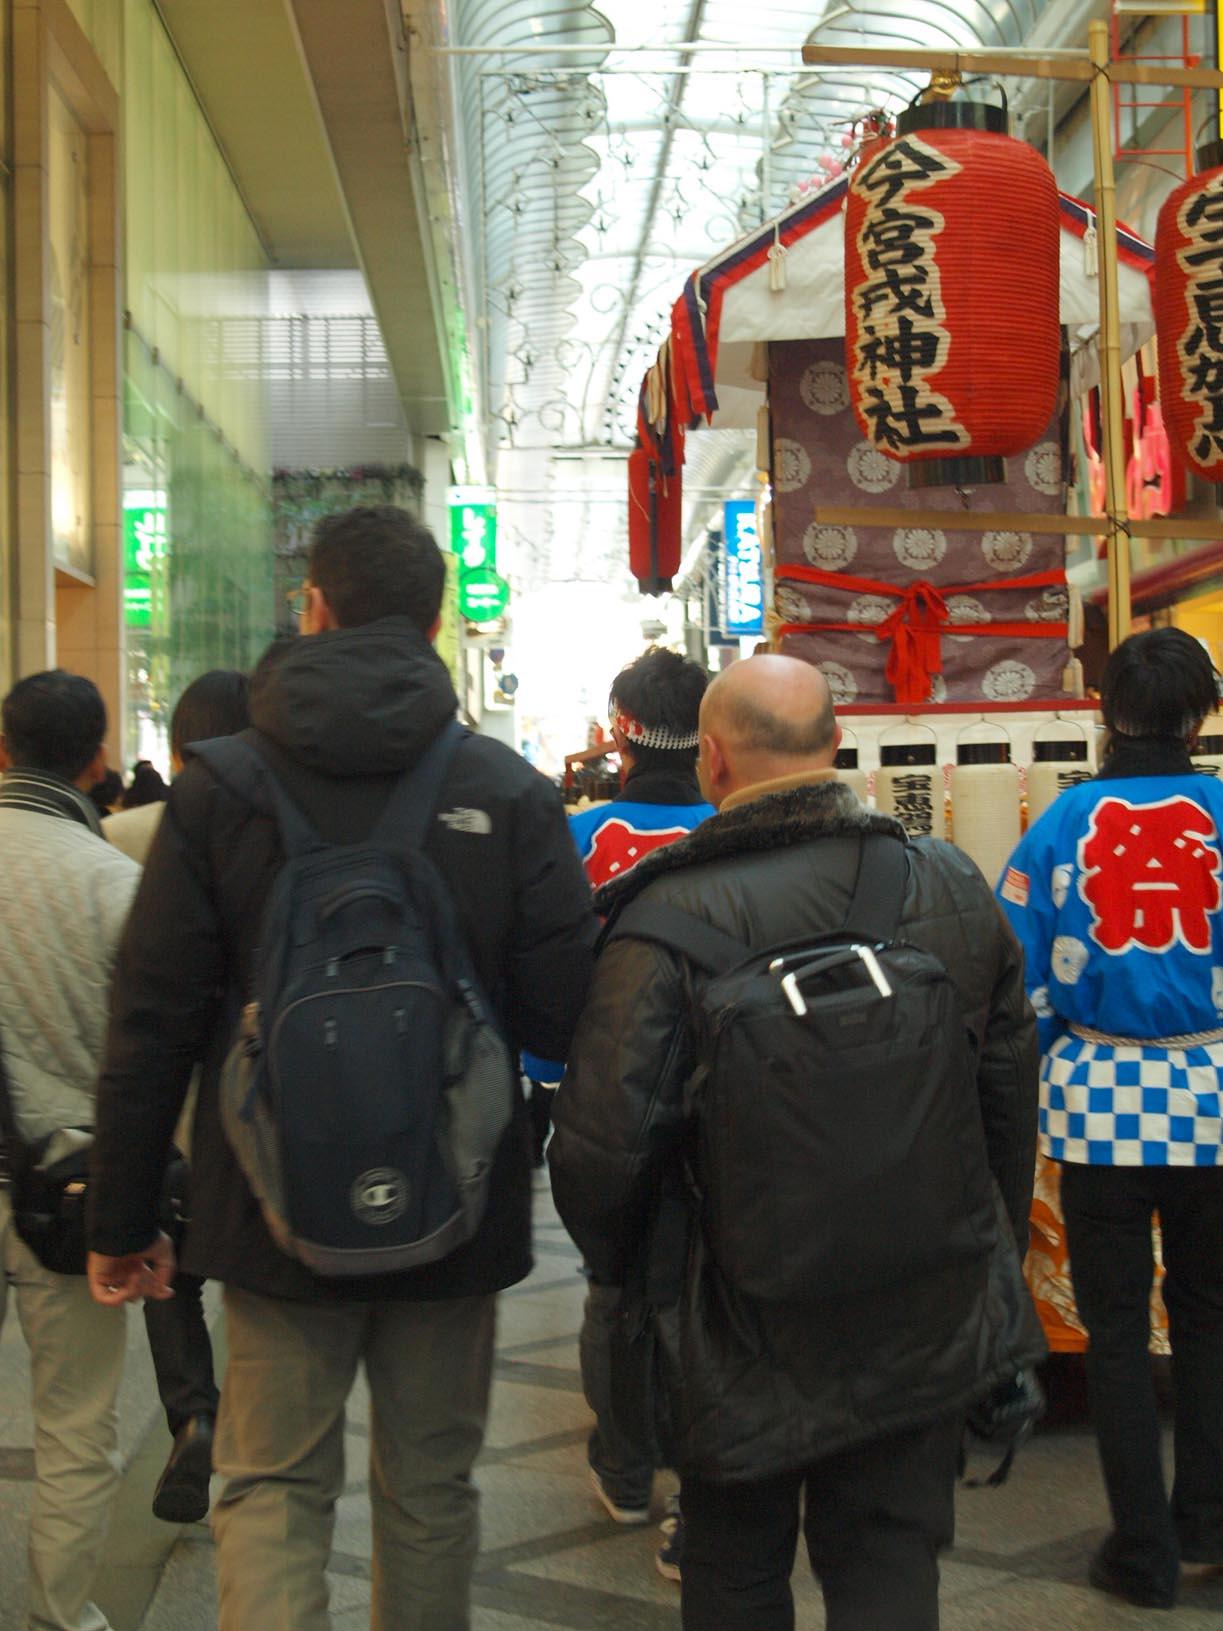 イタ男!大阪のえべっさんに遭遇ーー日本滞在記_c0179785_5365031.jpg